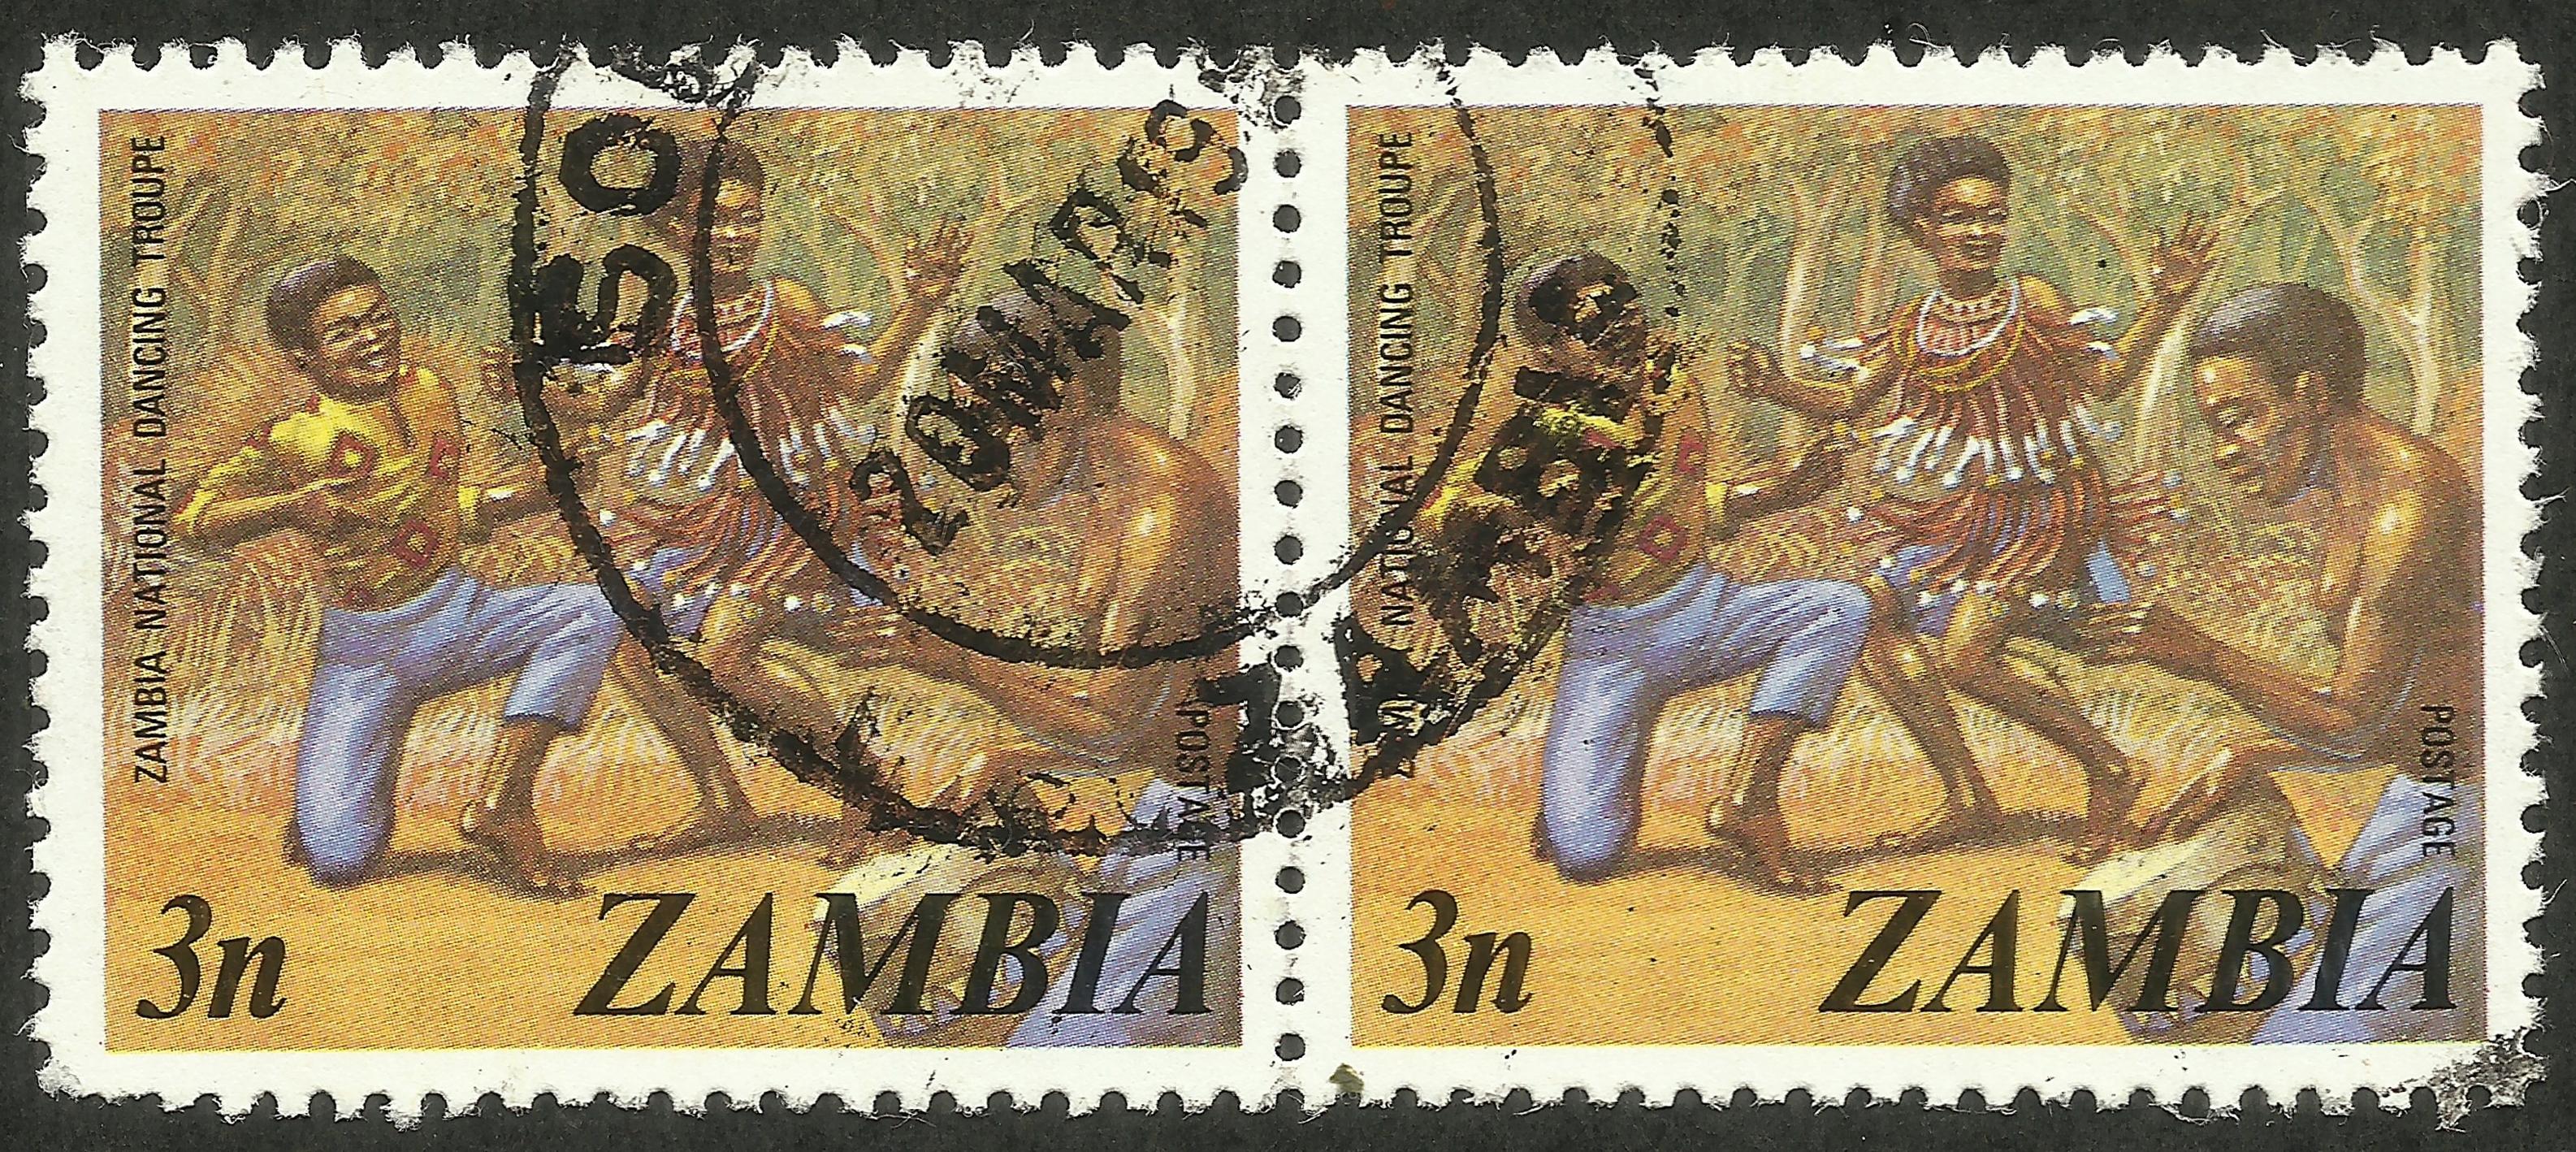 Zambia - Scott #137 (1975)